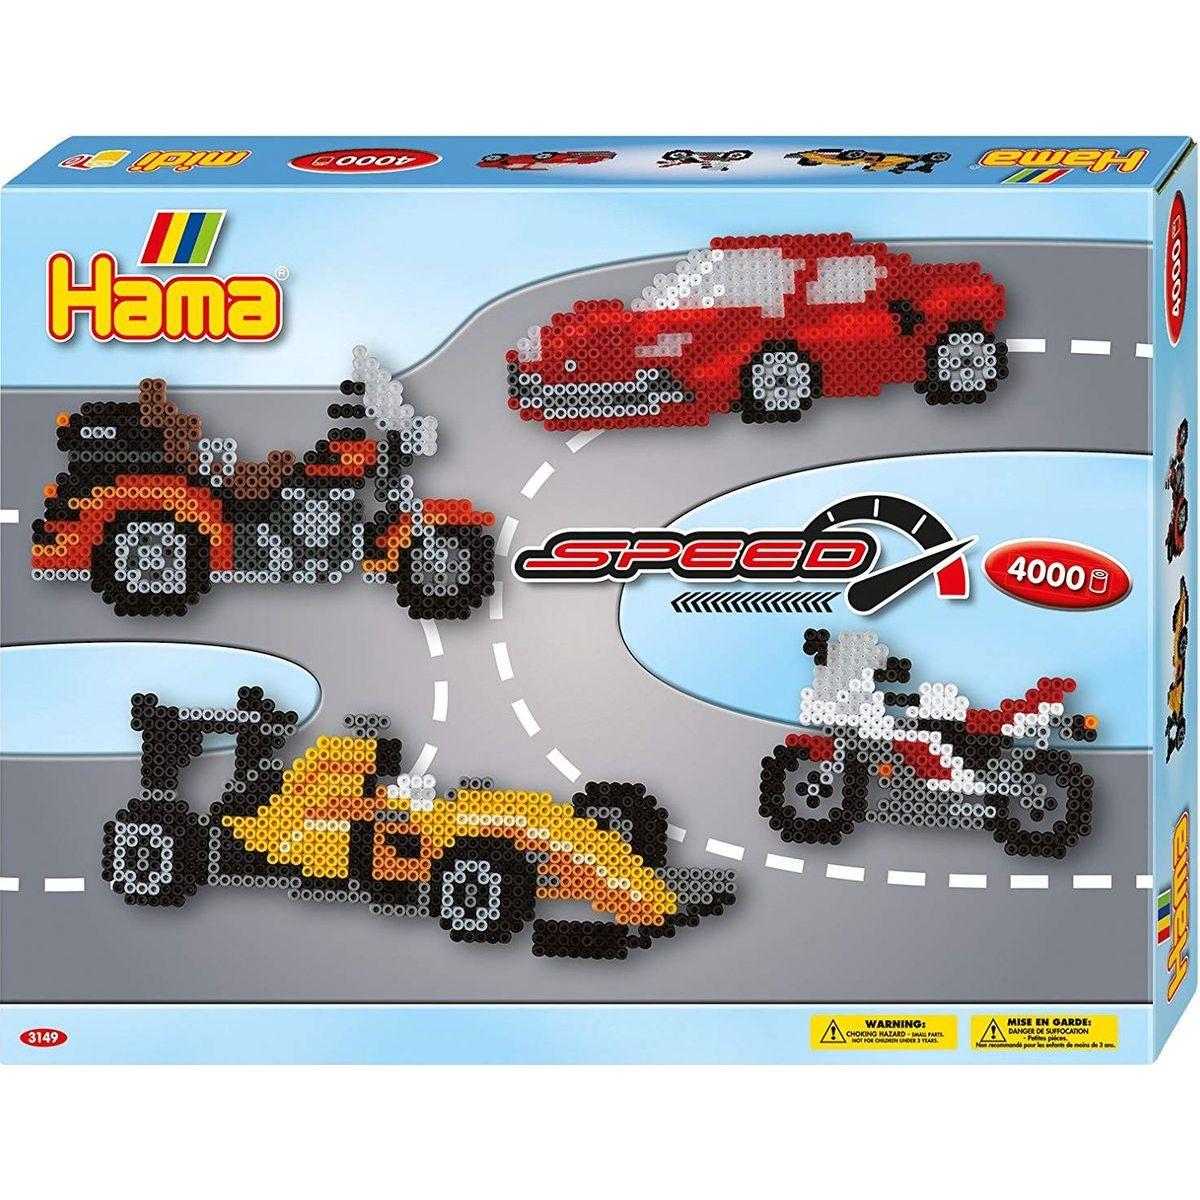 Hama H3149 Veľká darčeková sada Formule Midi